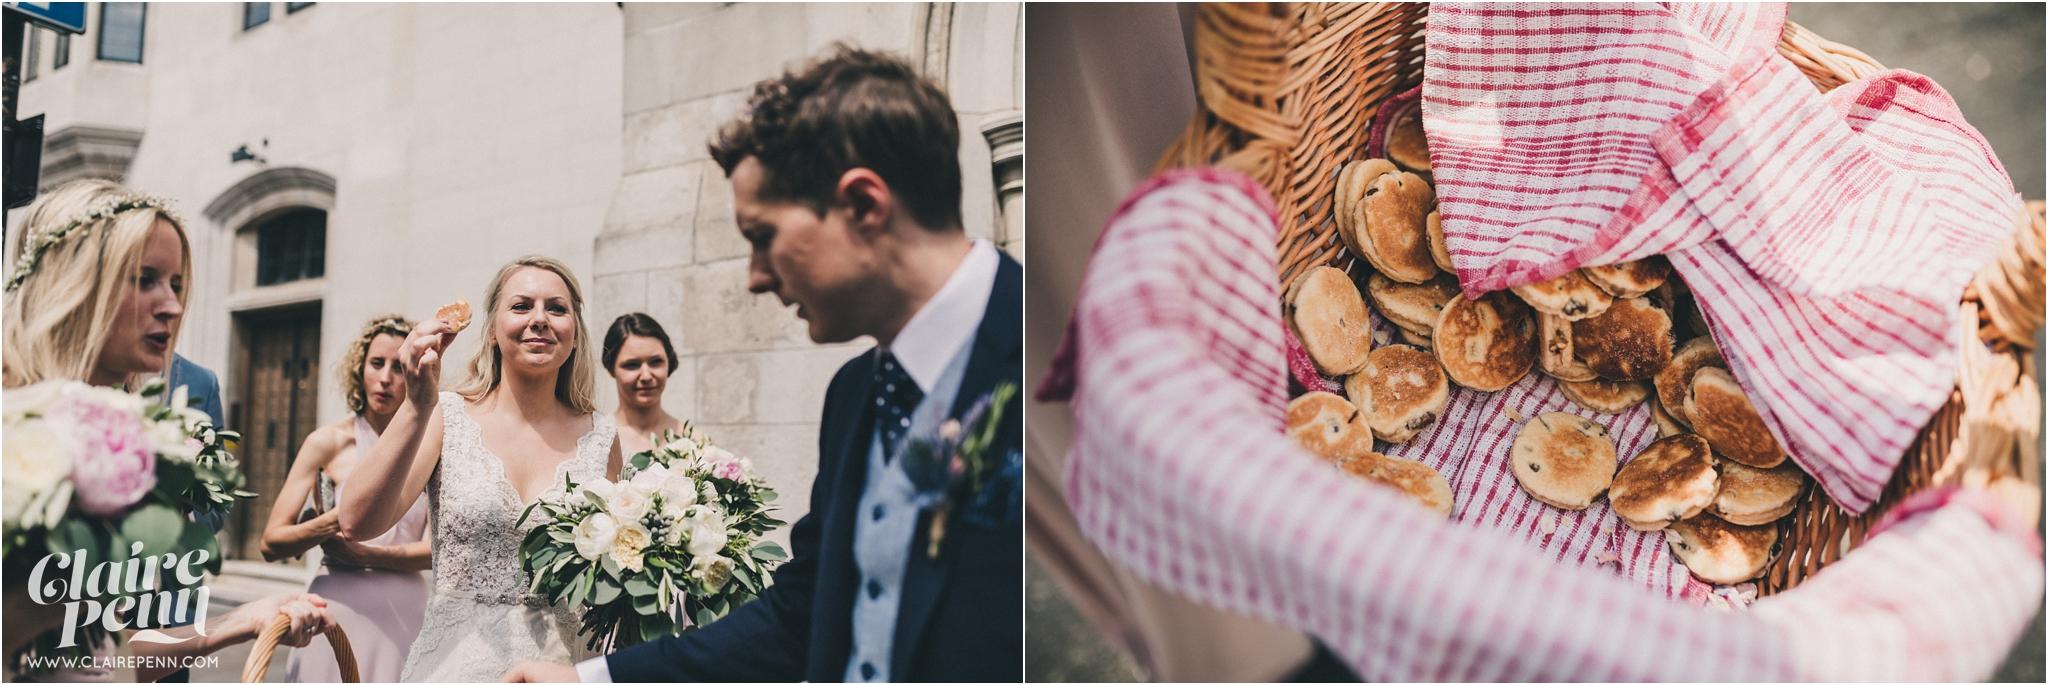 Tipi wedding London Swedish church wedding_0020.jpg